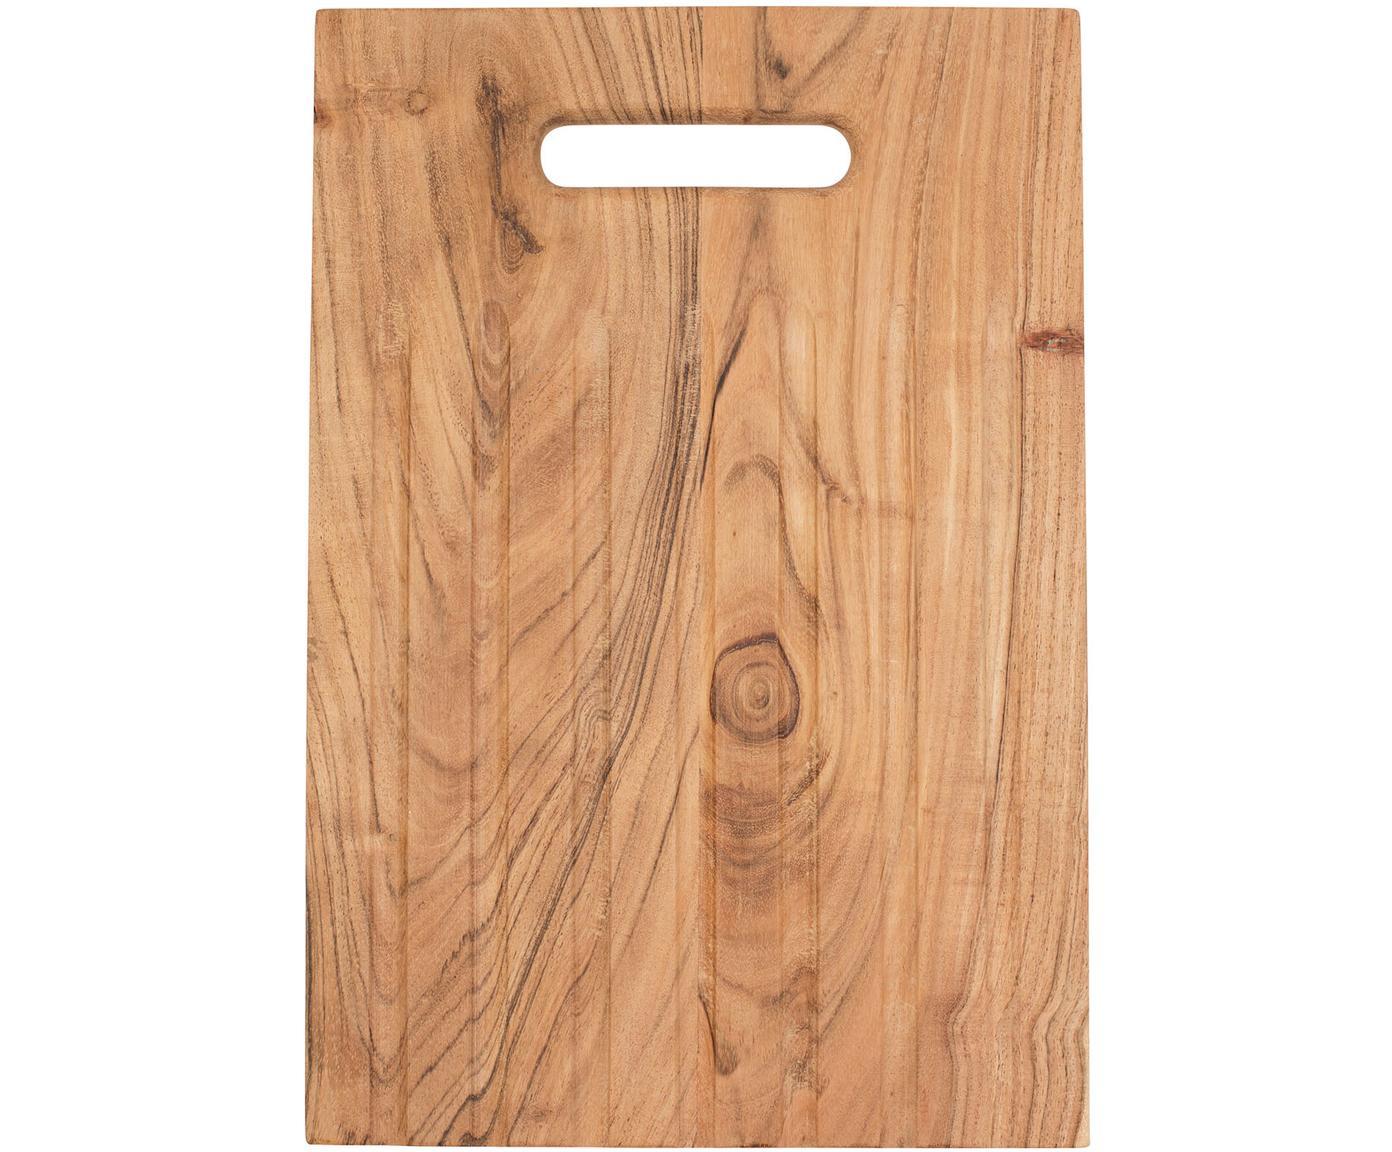 Deska do krojenia z drewna akacjowego Bert, Drewno akacjowe, Drewno akacjowe, S 38 x G 25 cm